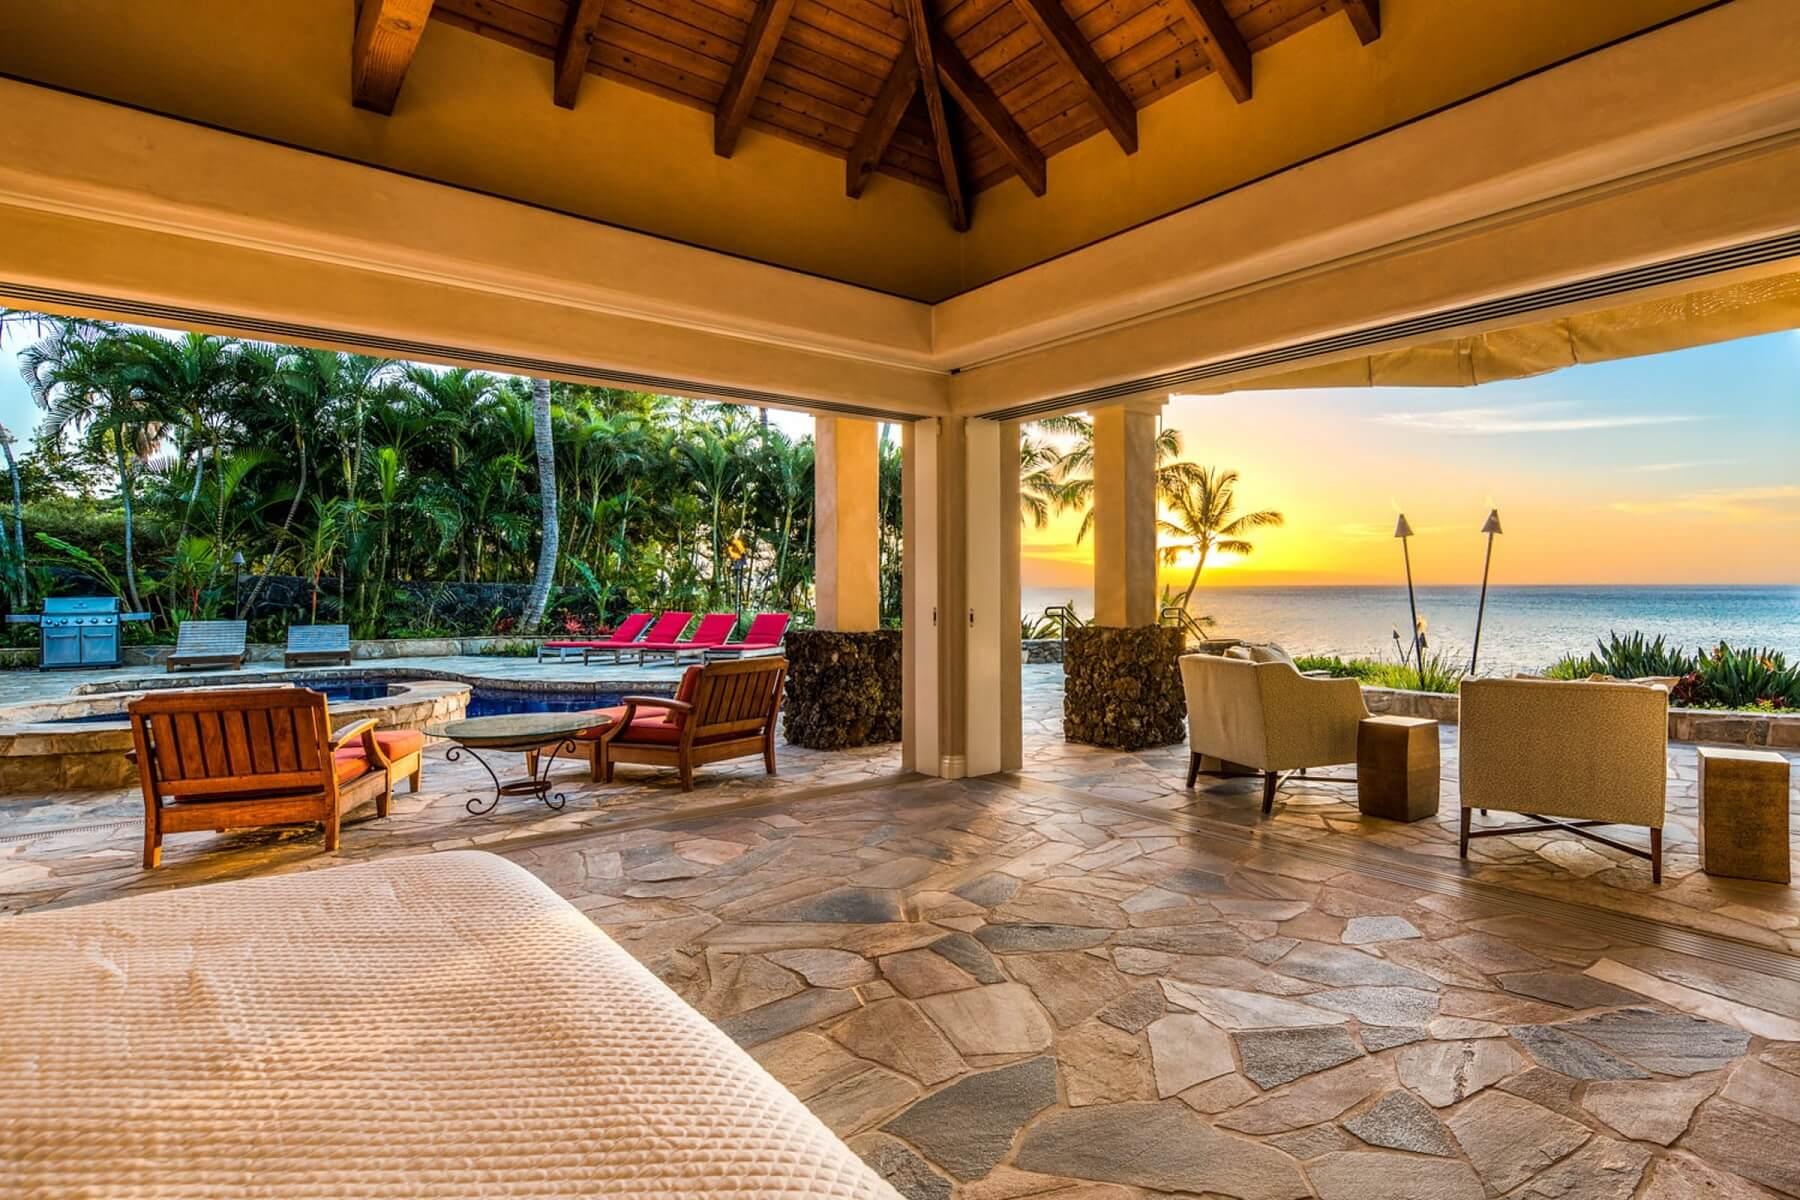 maui oceanside villas views from bedroom